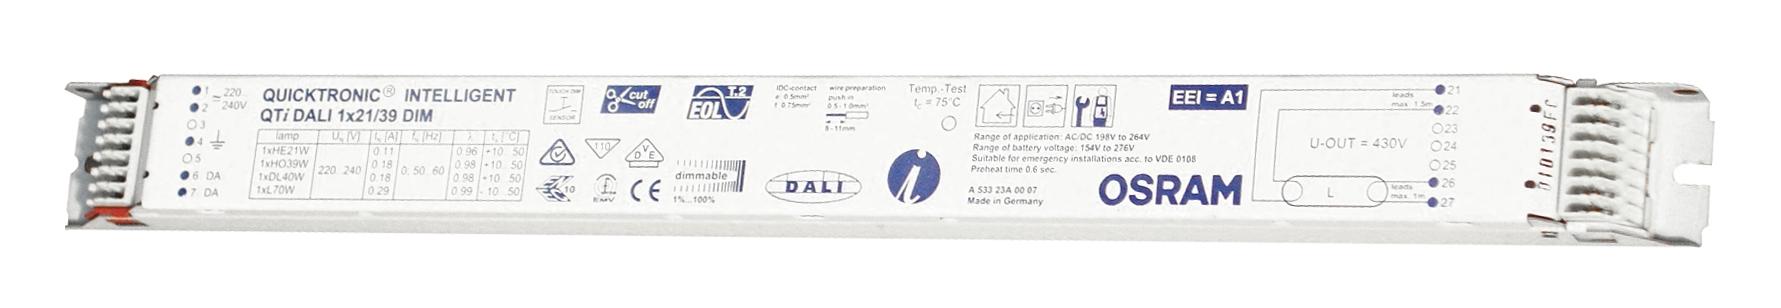 EVG QTIDALI 1x14/24/220/240 für T5 dimmbar DALI